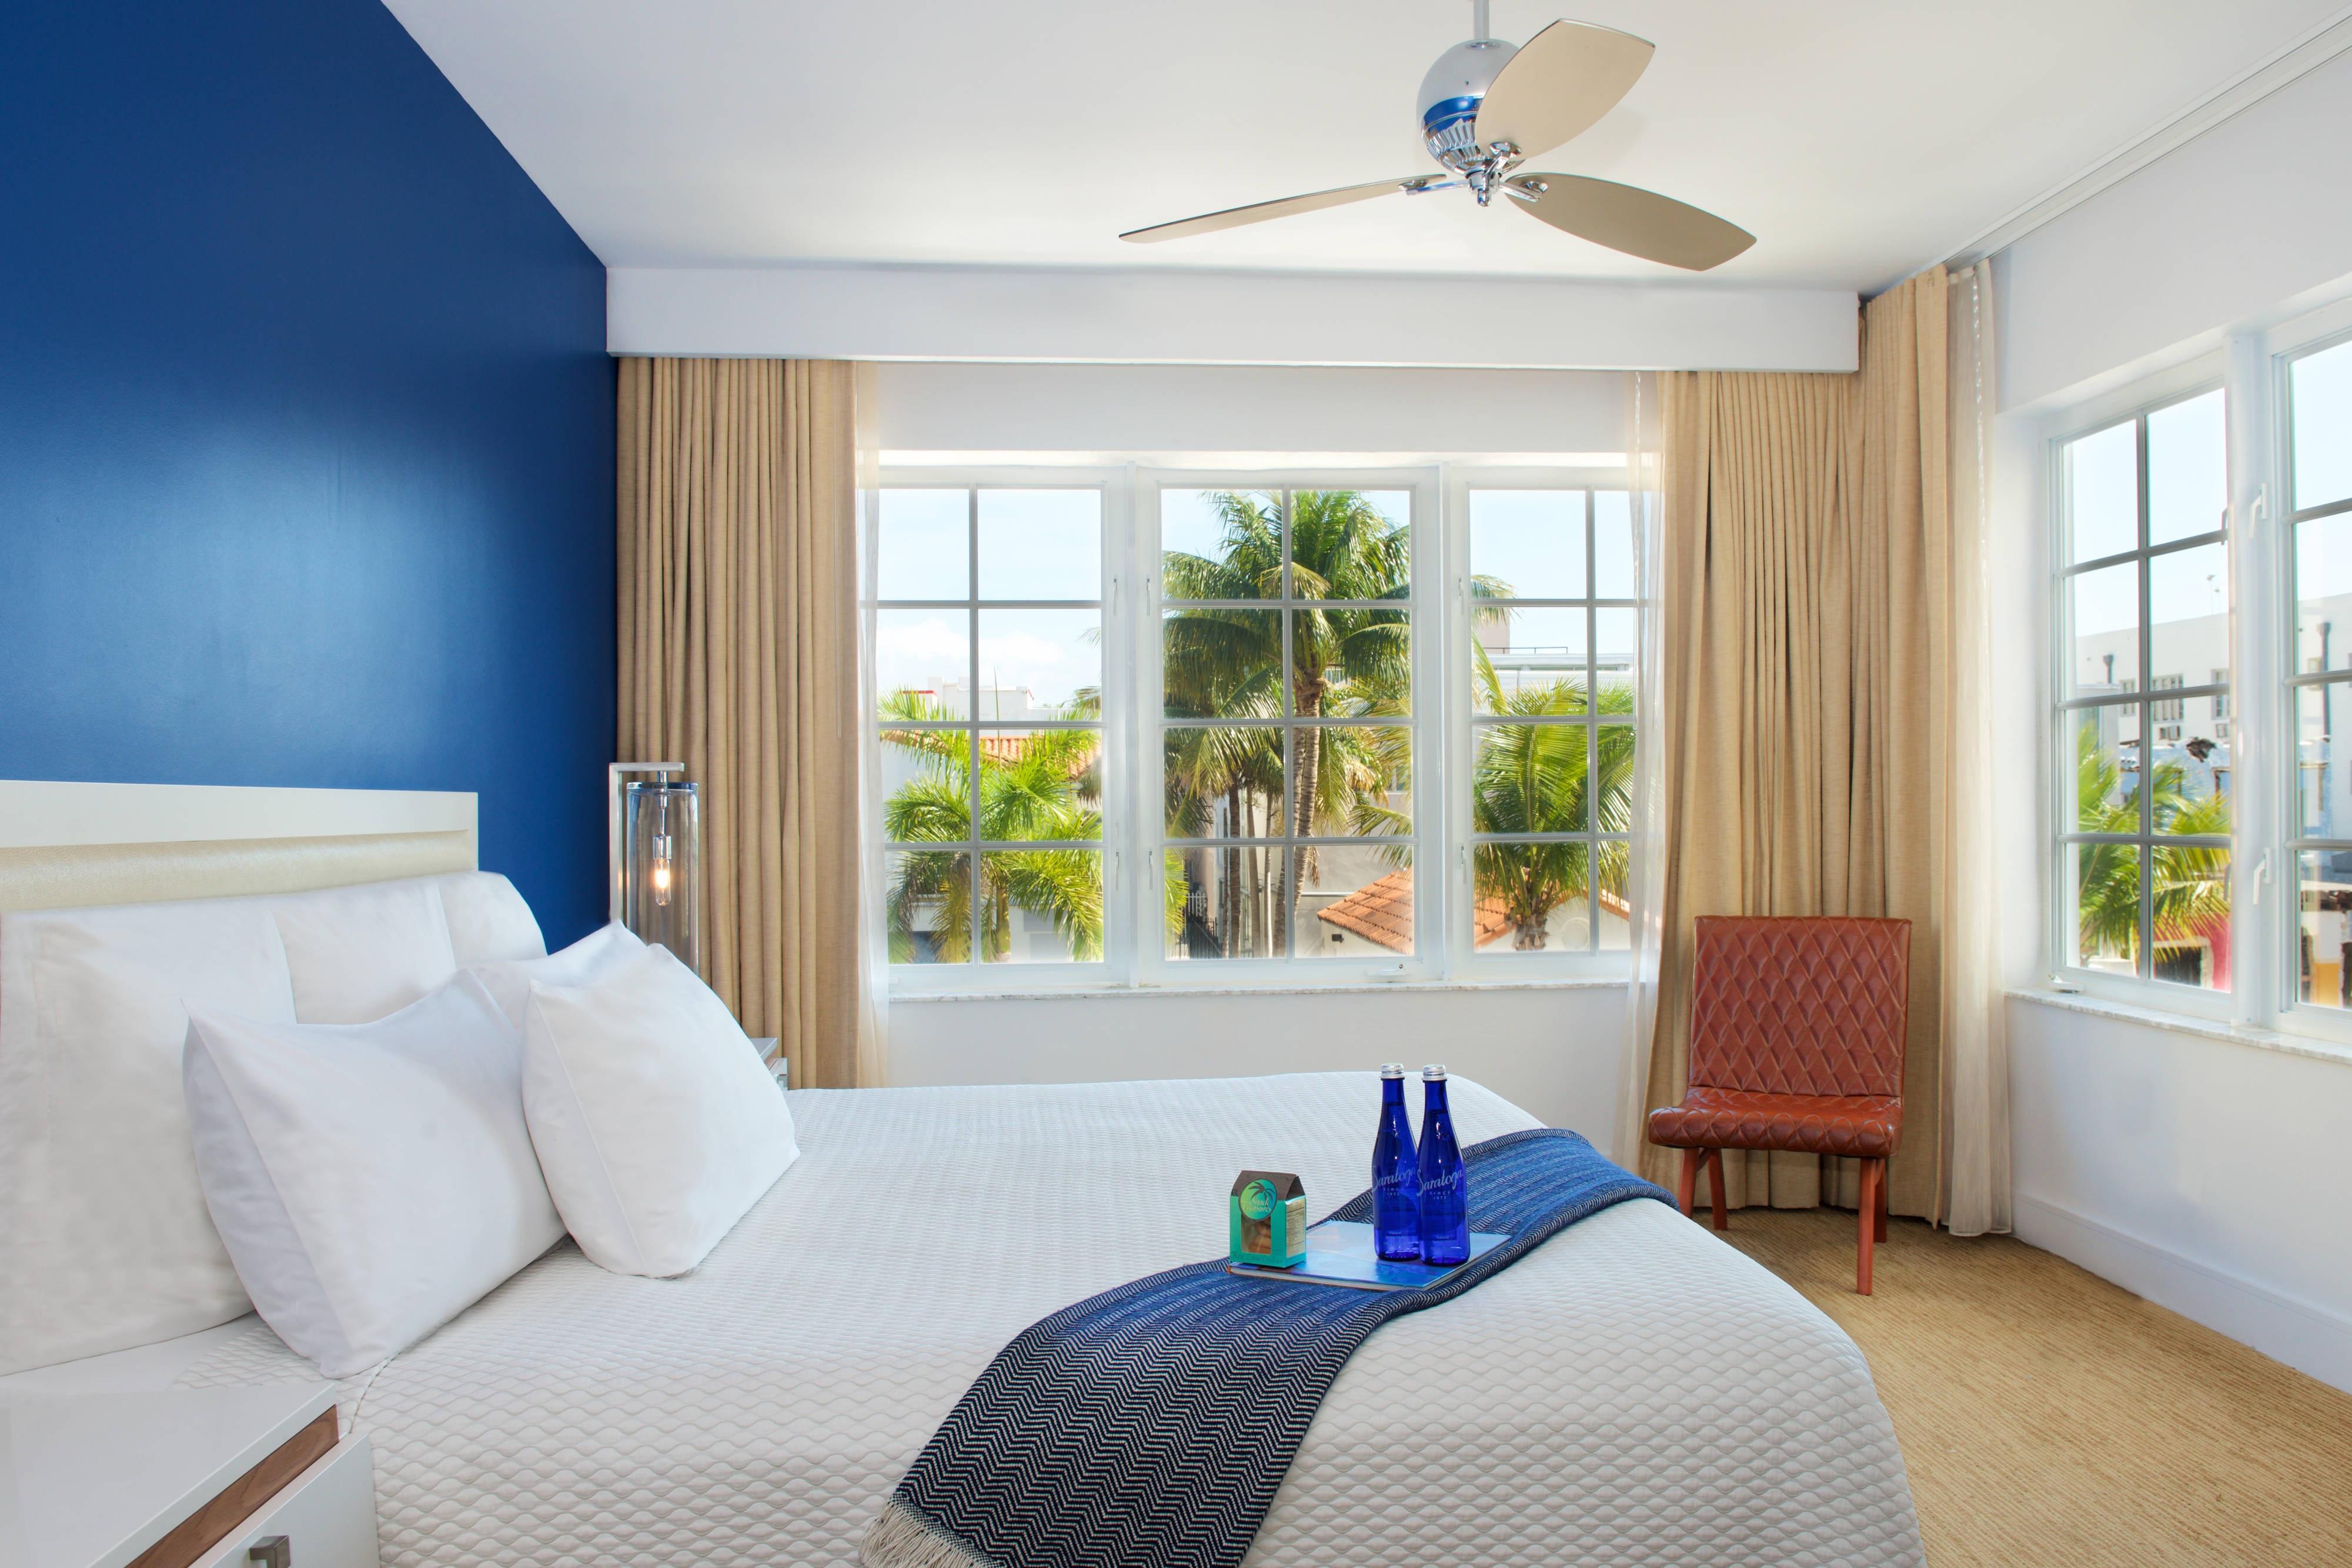 Zimmer im Blue Moon Hotel in Miami Beach